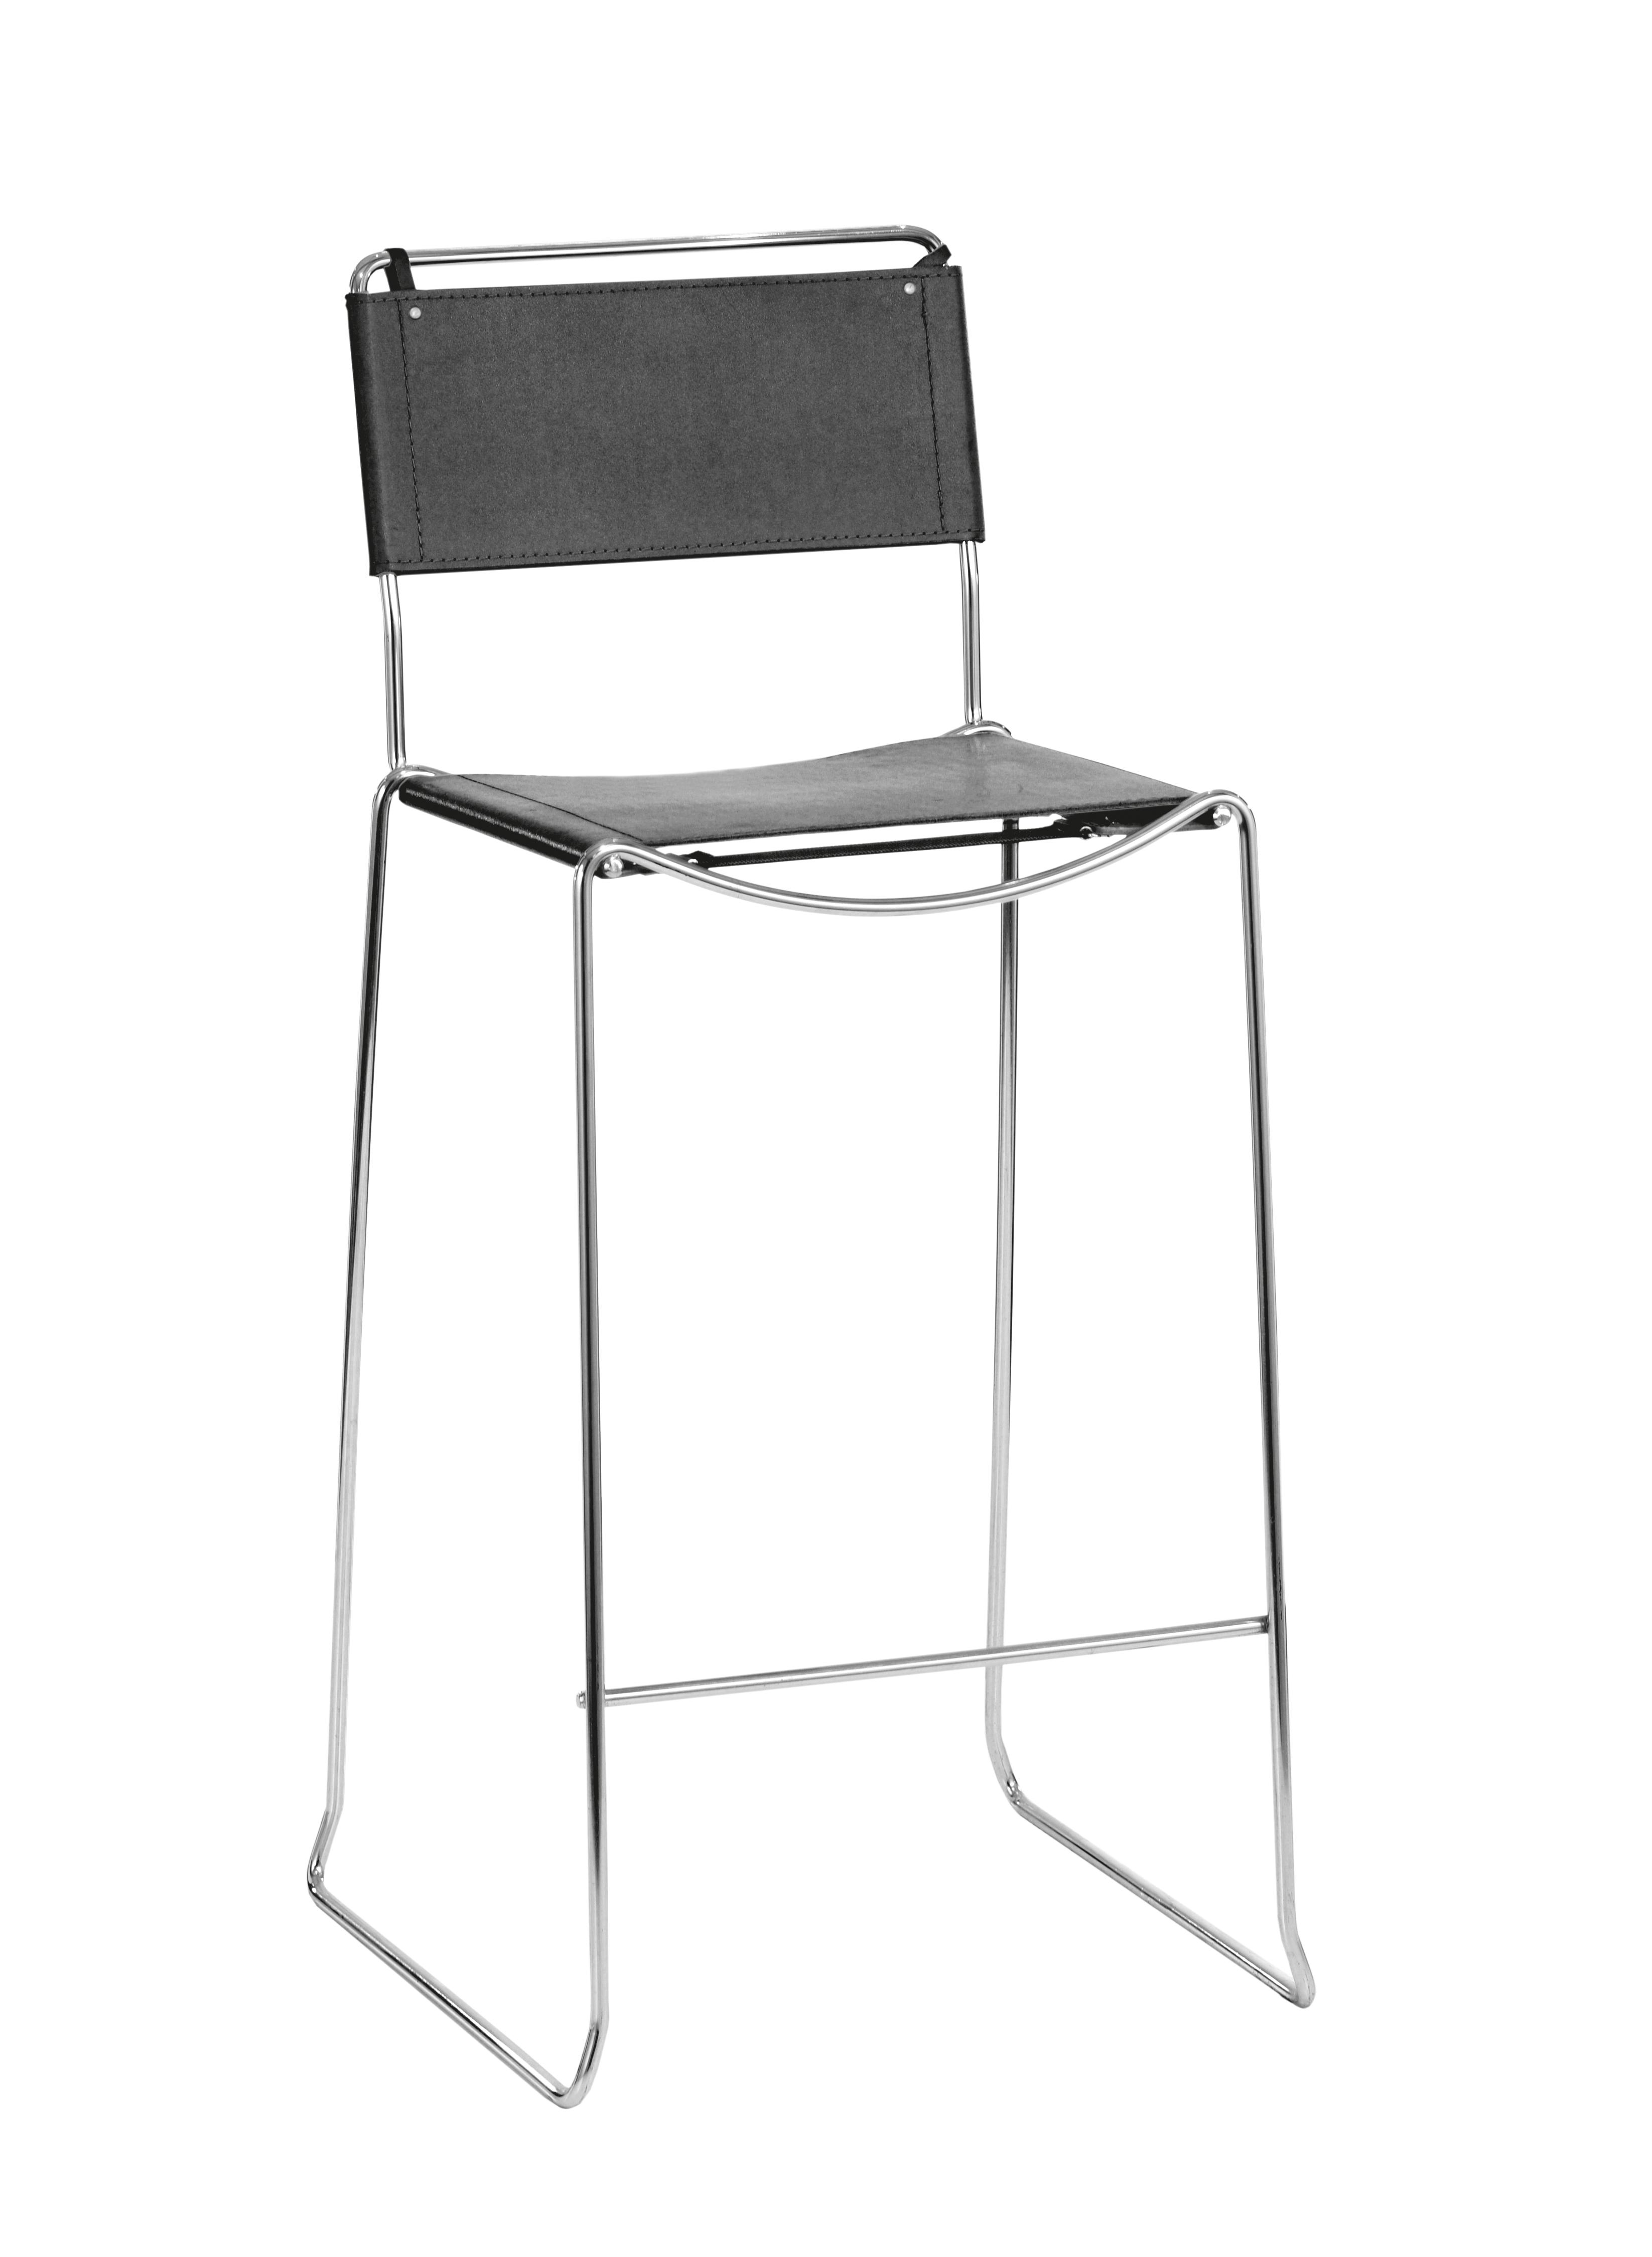 VIP Barhocker (Tresenhocker, hoher Stuhl, Barstuhl, Barhocker, schwarz, Leder) - STARK-REDUZIERT!